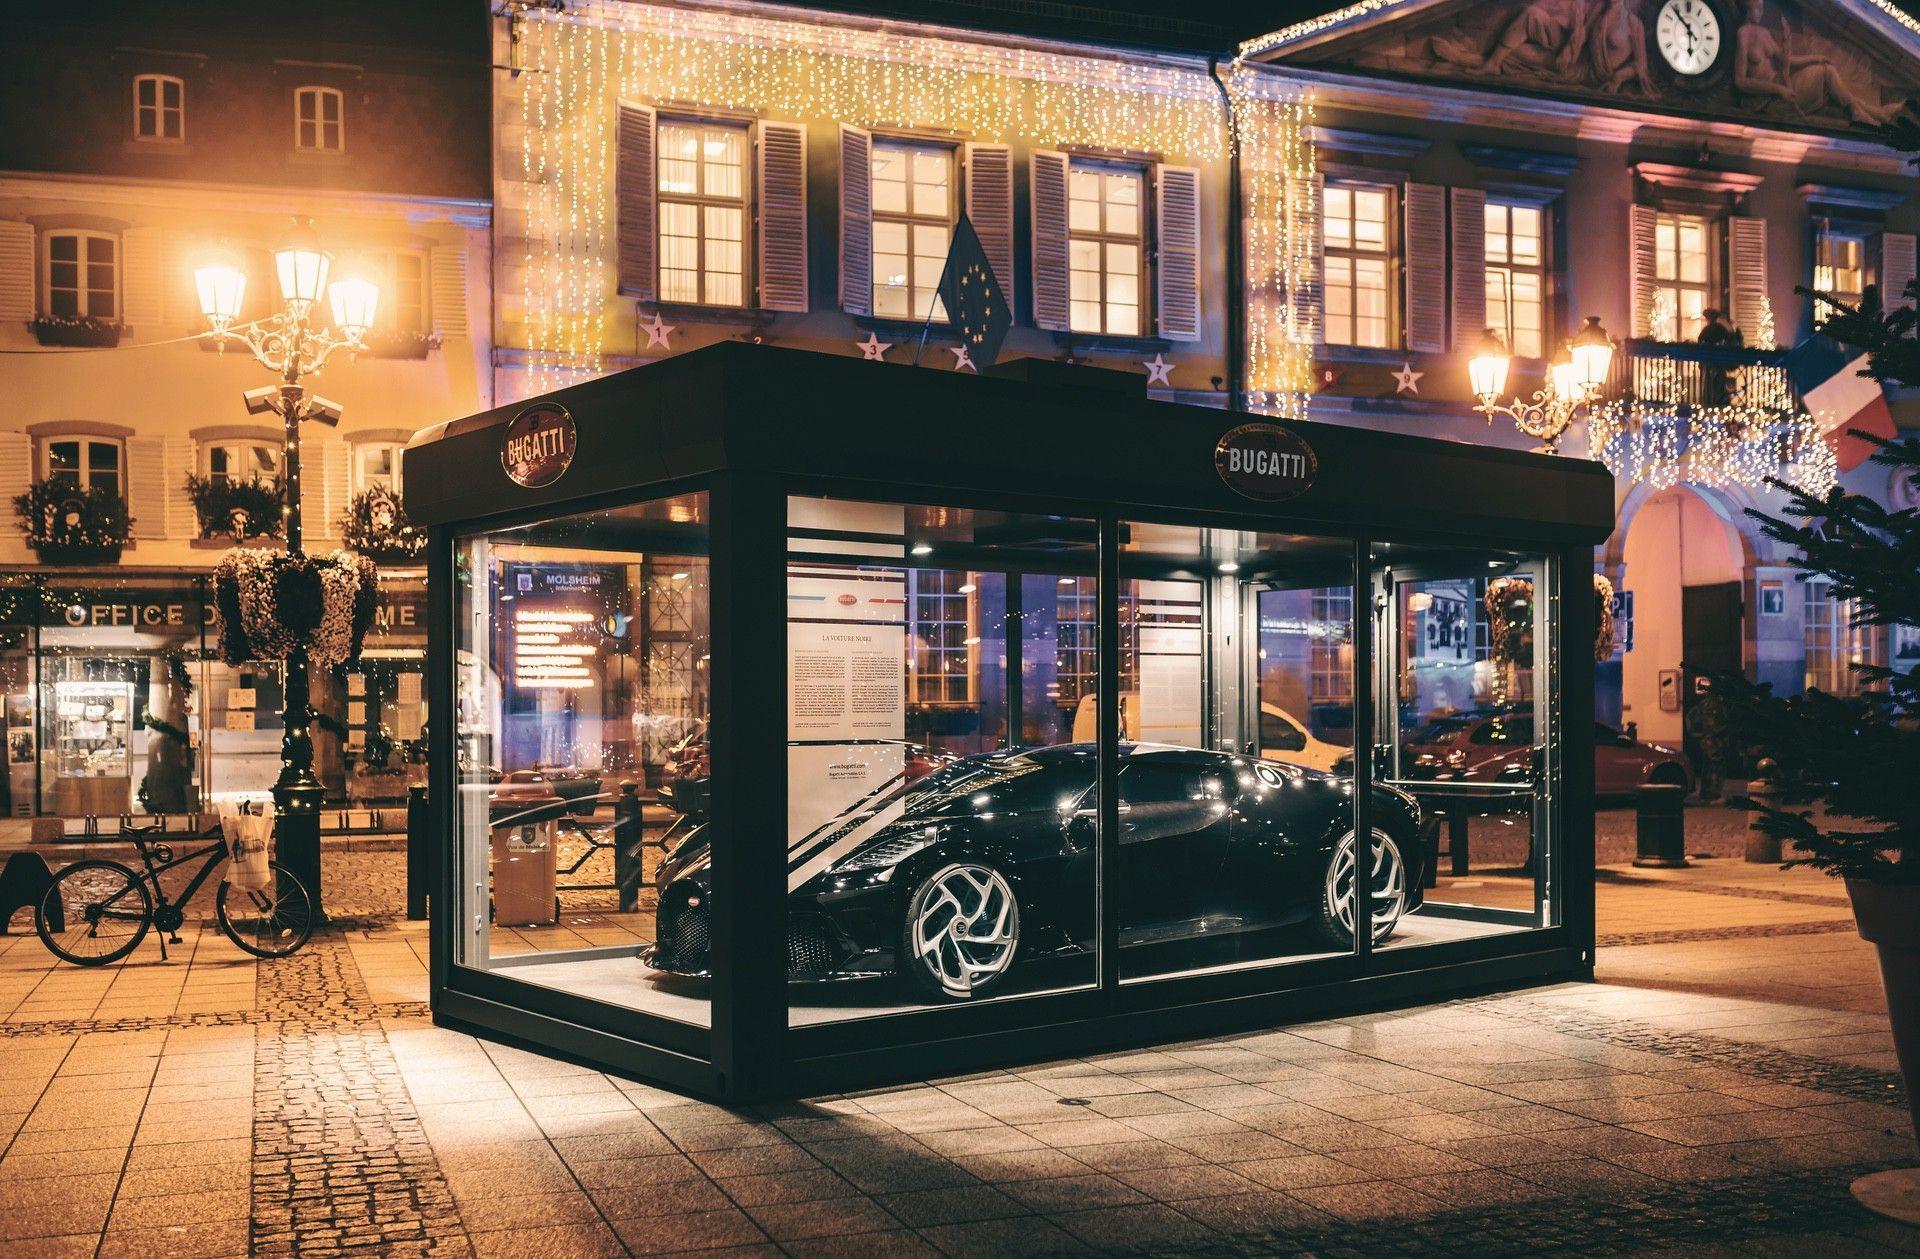 Bugatti_La_Car_Noire_Molsheim_0001